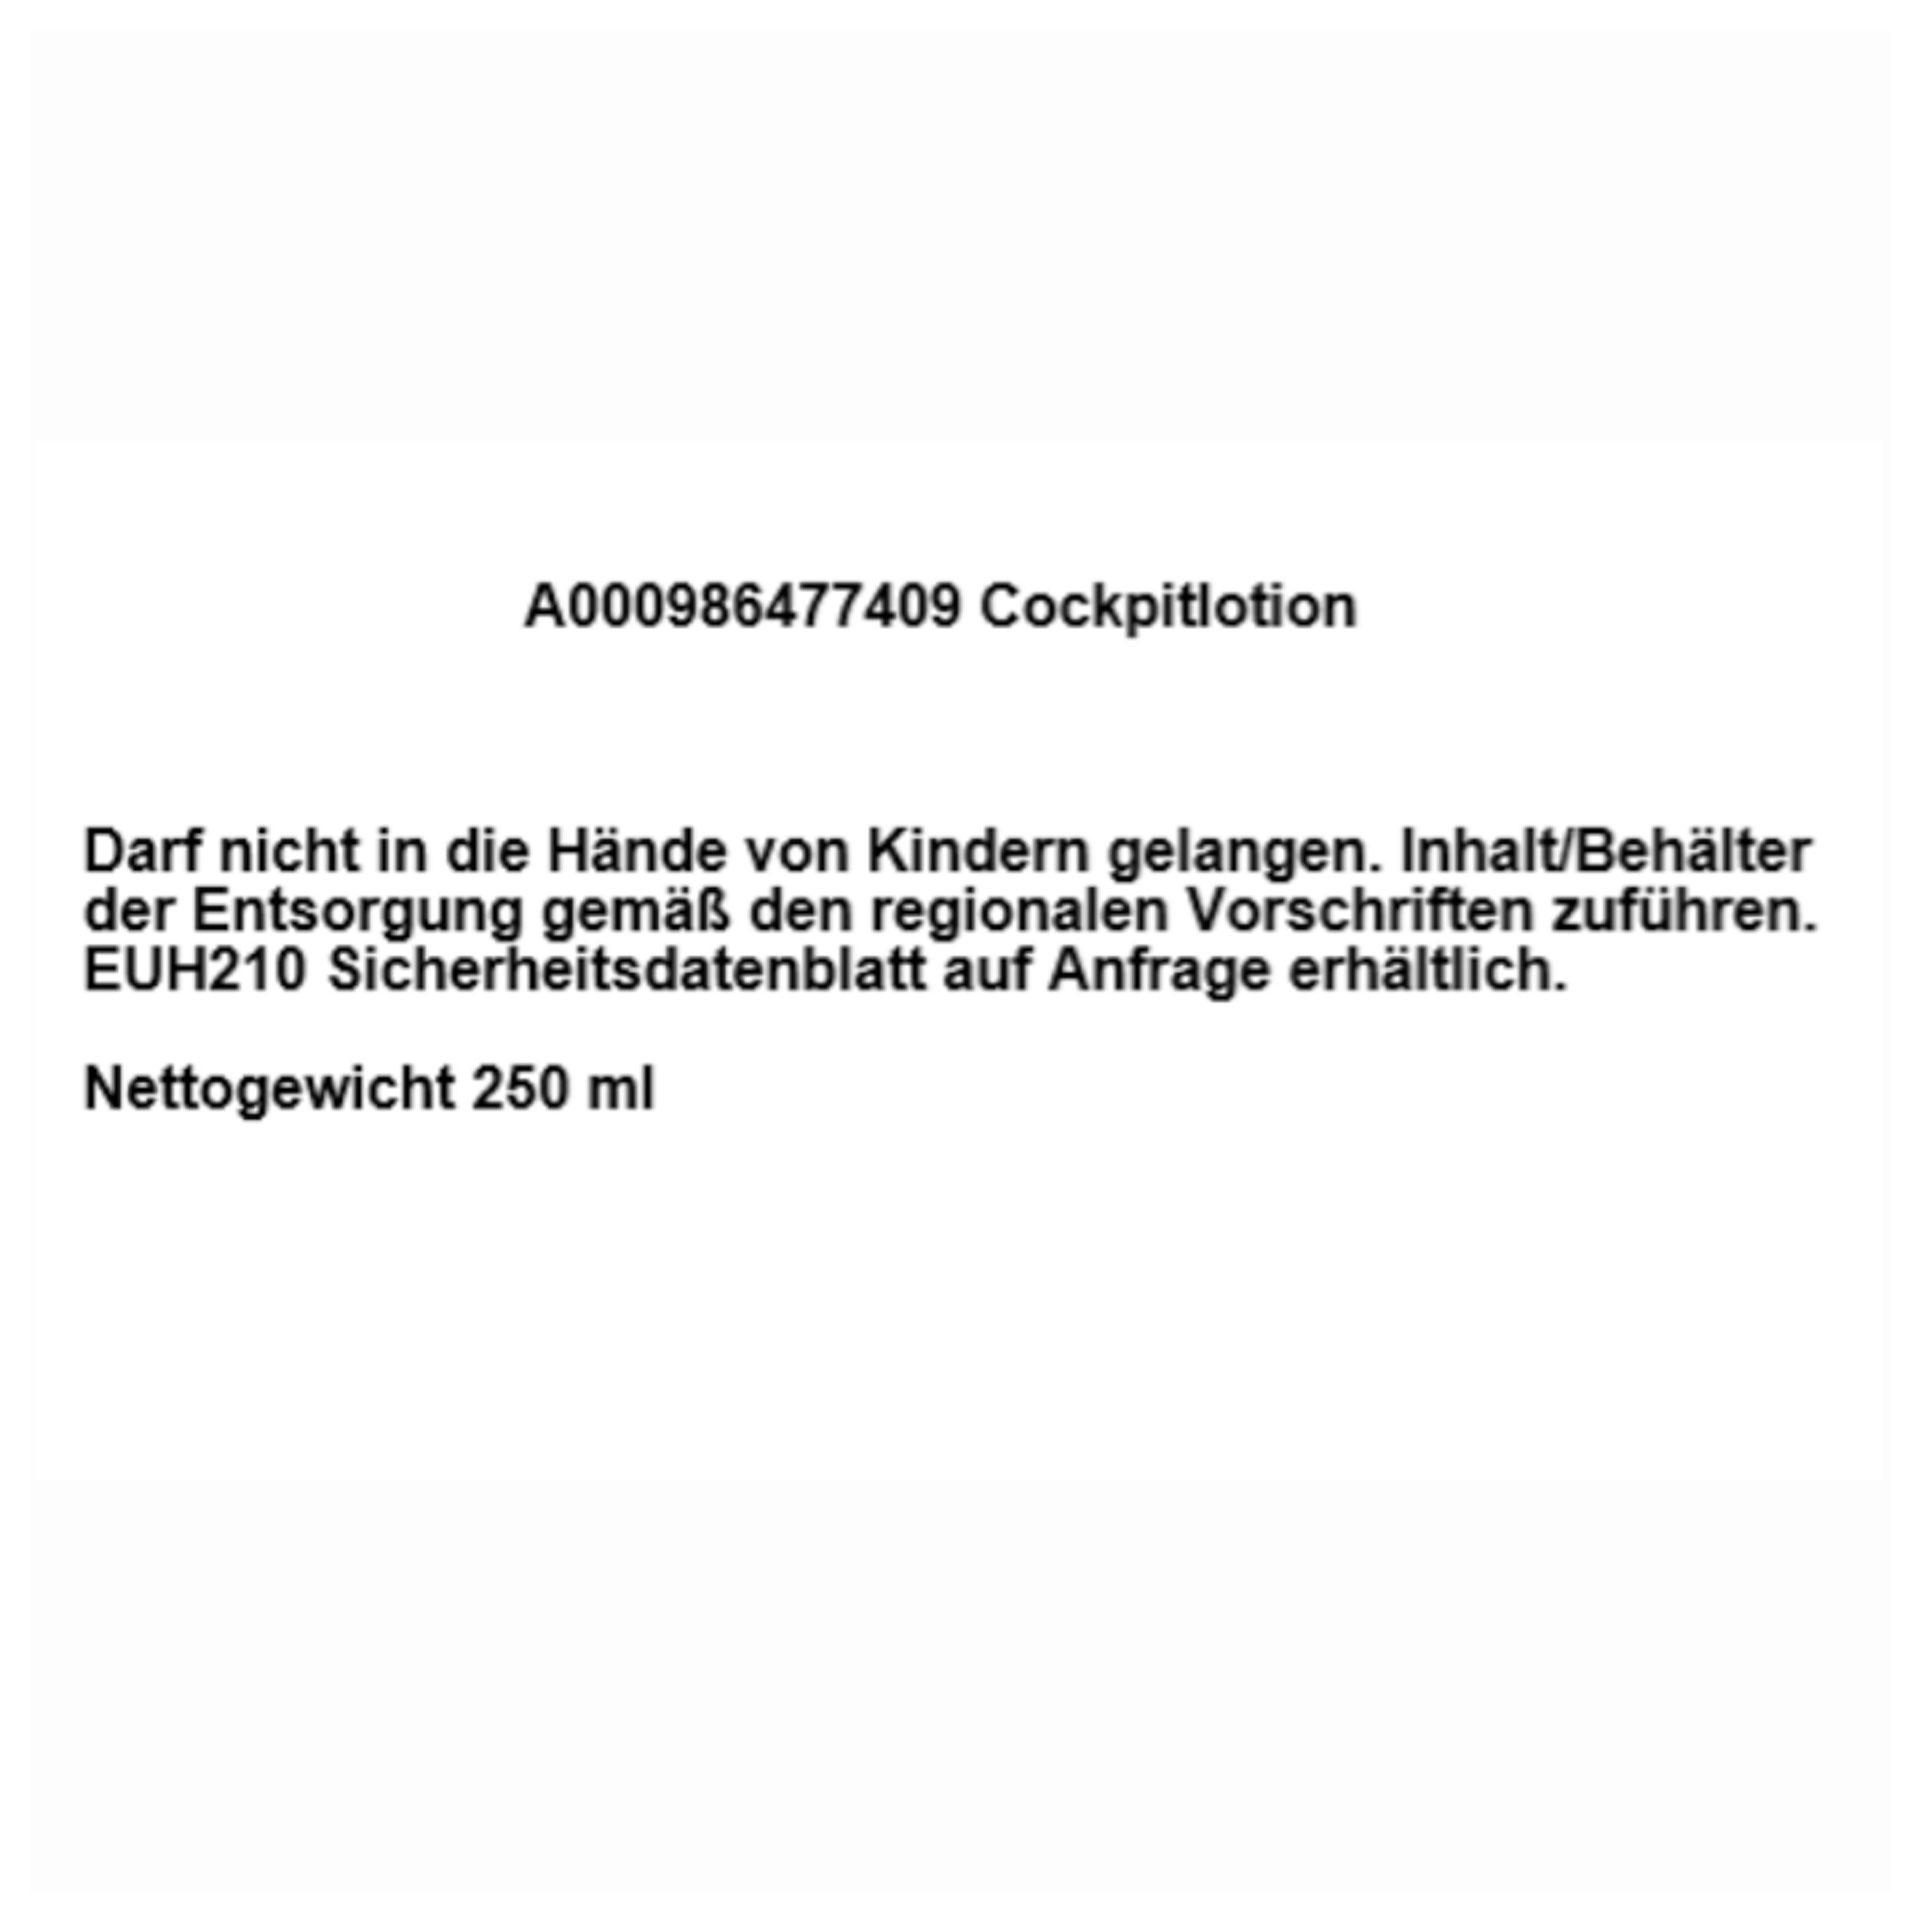 Mercedes-Benz Cockpitlotion 250 ml